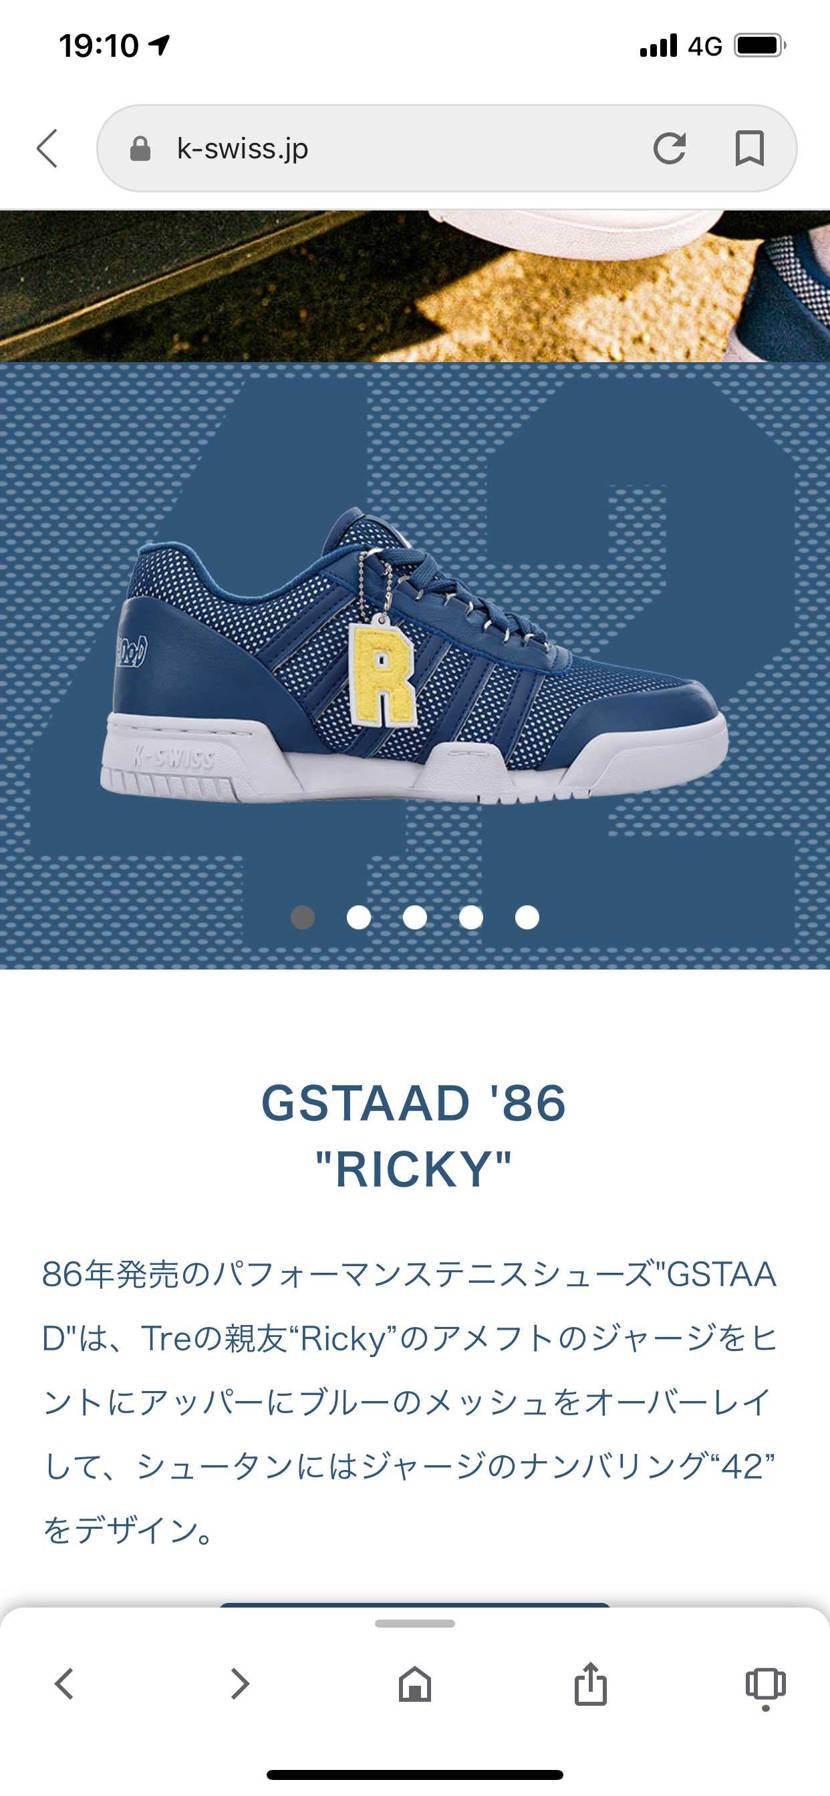 東京周辺でこの靴売ってる場所知りませんか? 知っている方いたら教えて下さい!